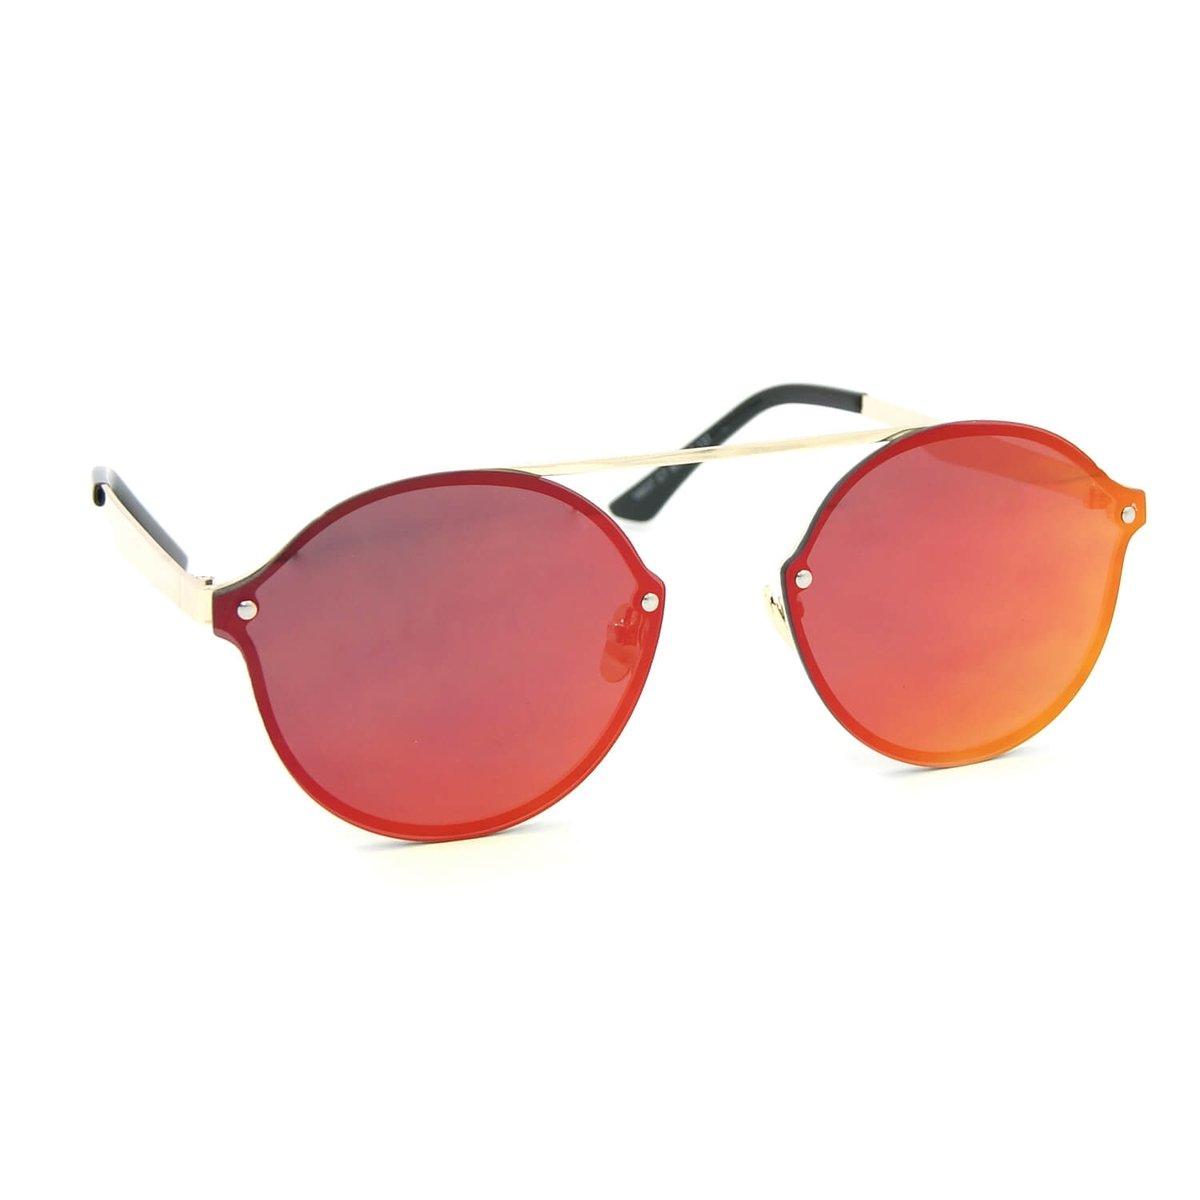 Óculos de Sol Estilo Flat com Lente Espelhada - Compre Agora   Zattini f9a682b38b